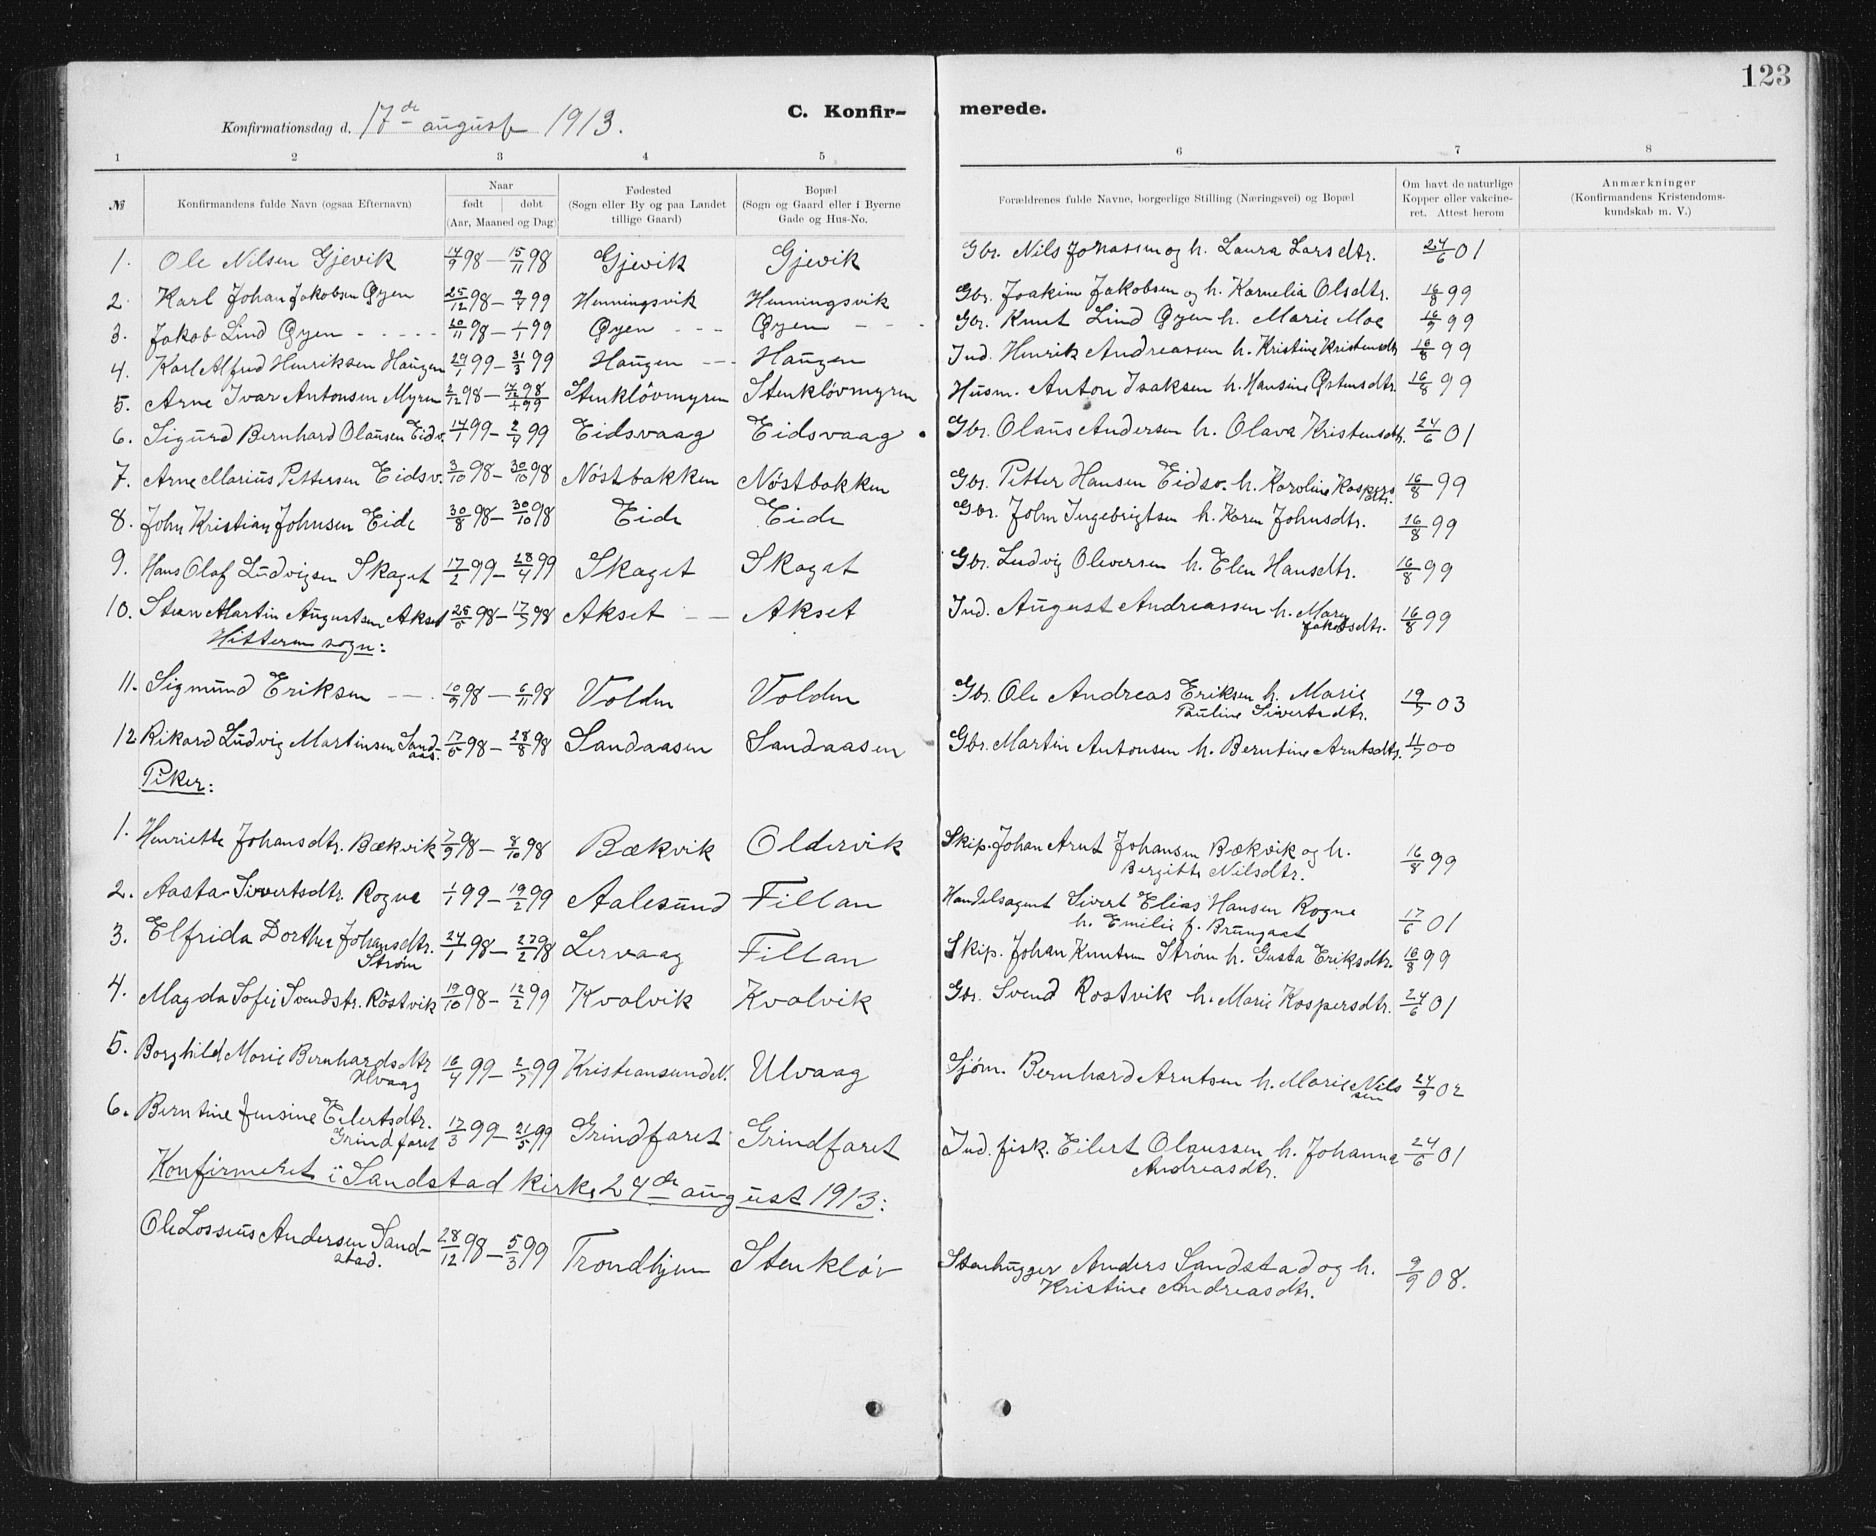 SAT, Ministerialprotokoller, klokkerbøker og fødselsregistre - Sør-Trøndelag, 637/L0563: Klokkerbok nr. 637C04, 1899-1940, s. 123